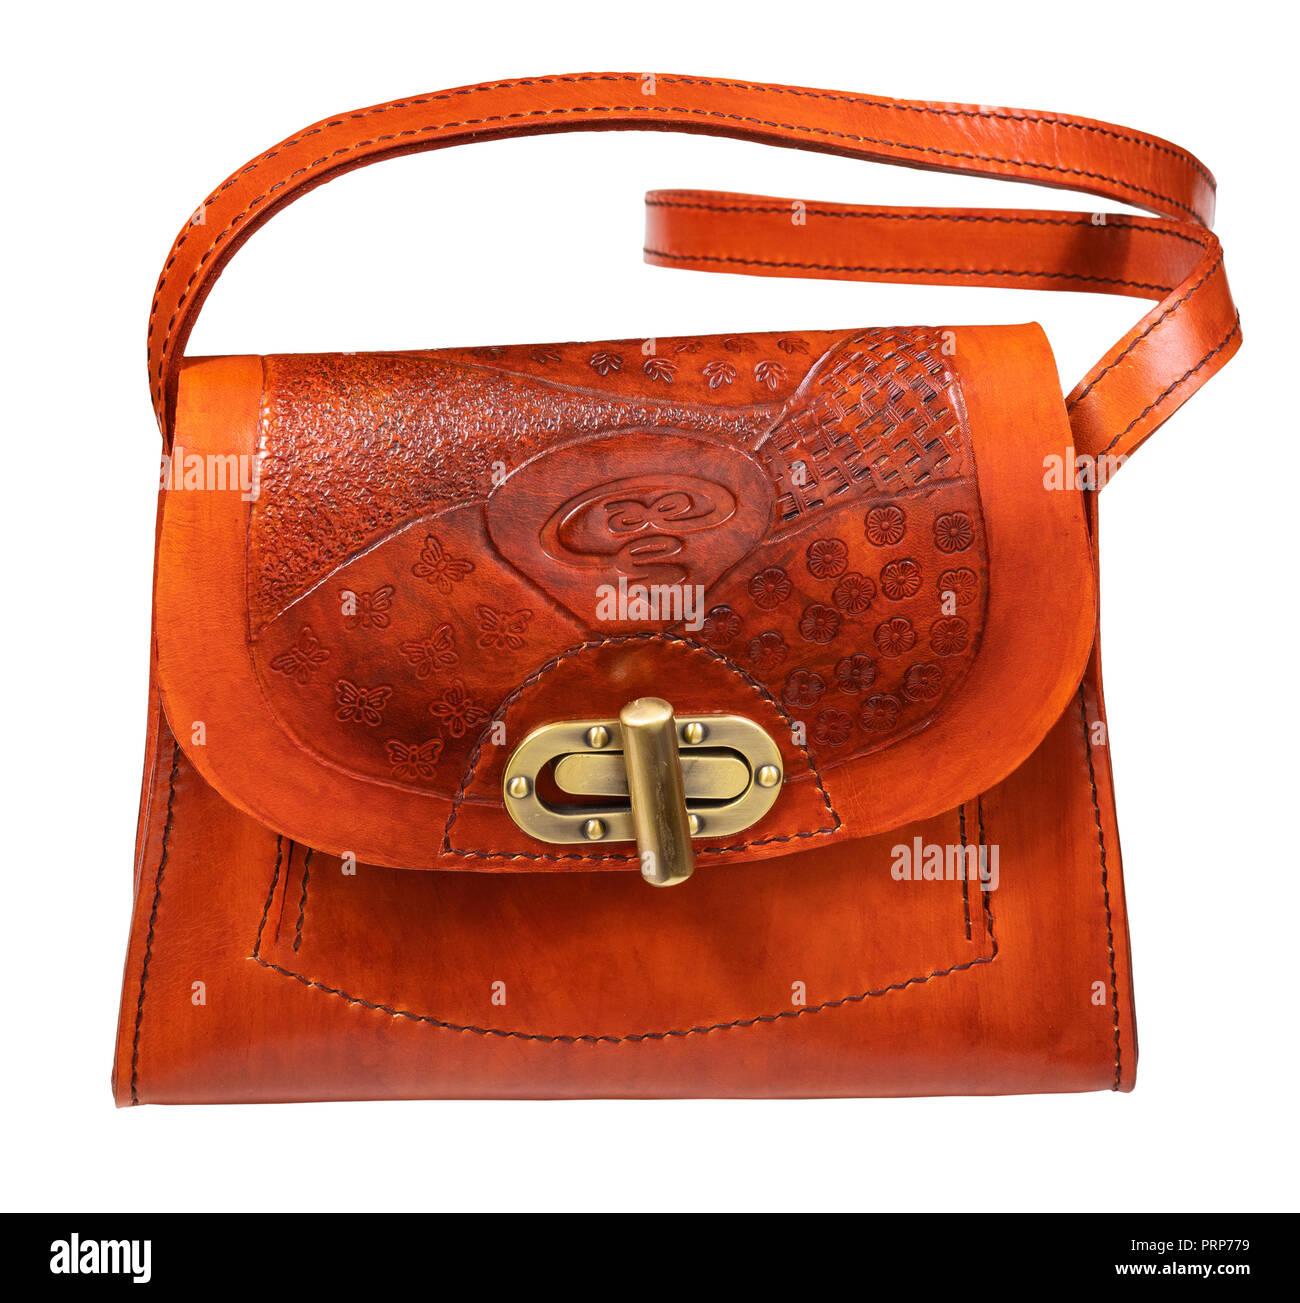 c5d3d0943 Hechos a mano de color naranja bolso de cuero repujado recorte sobre fondo  blanco.